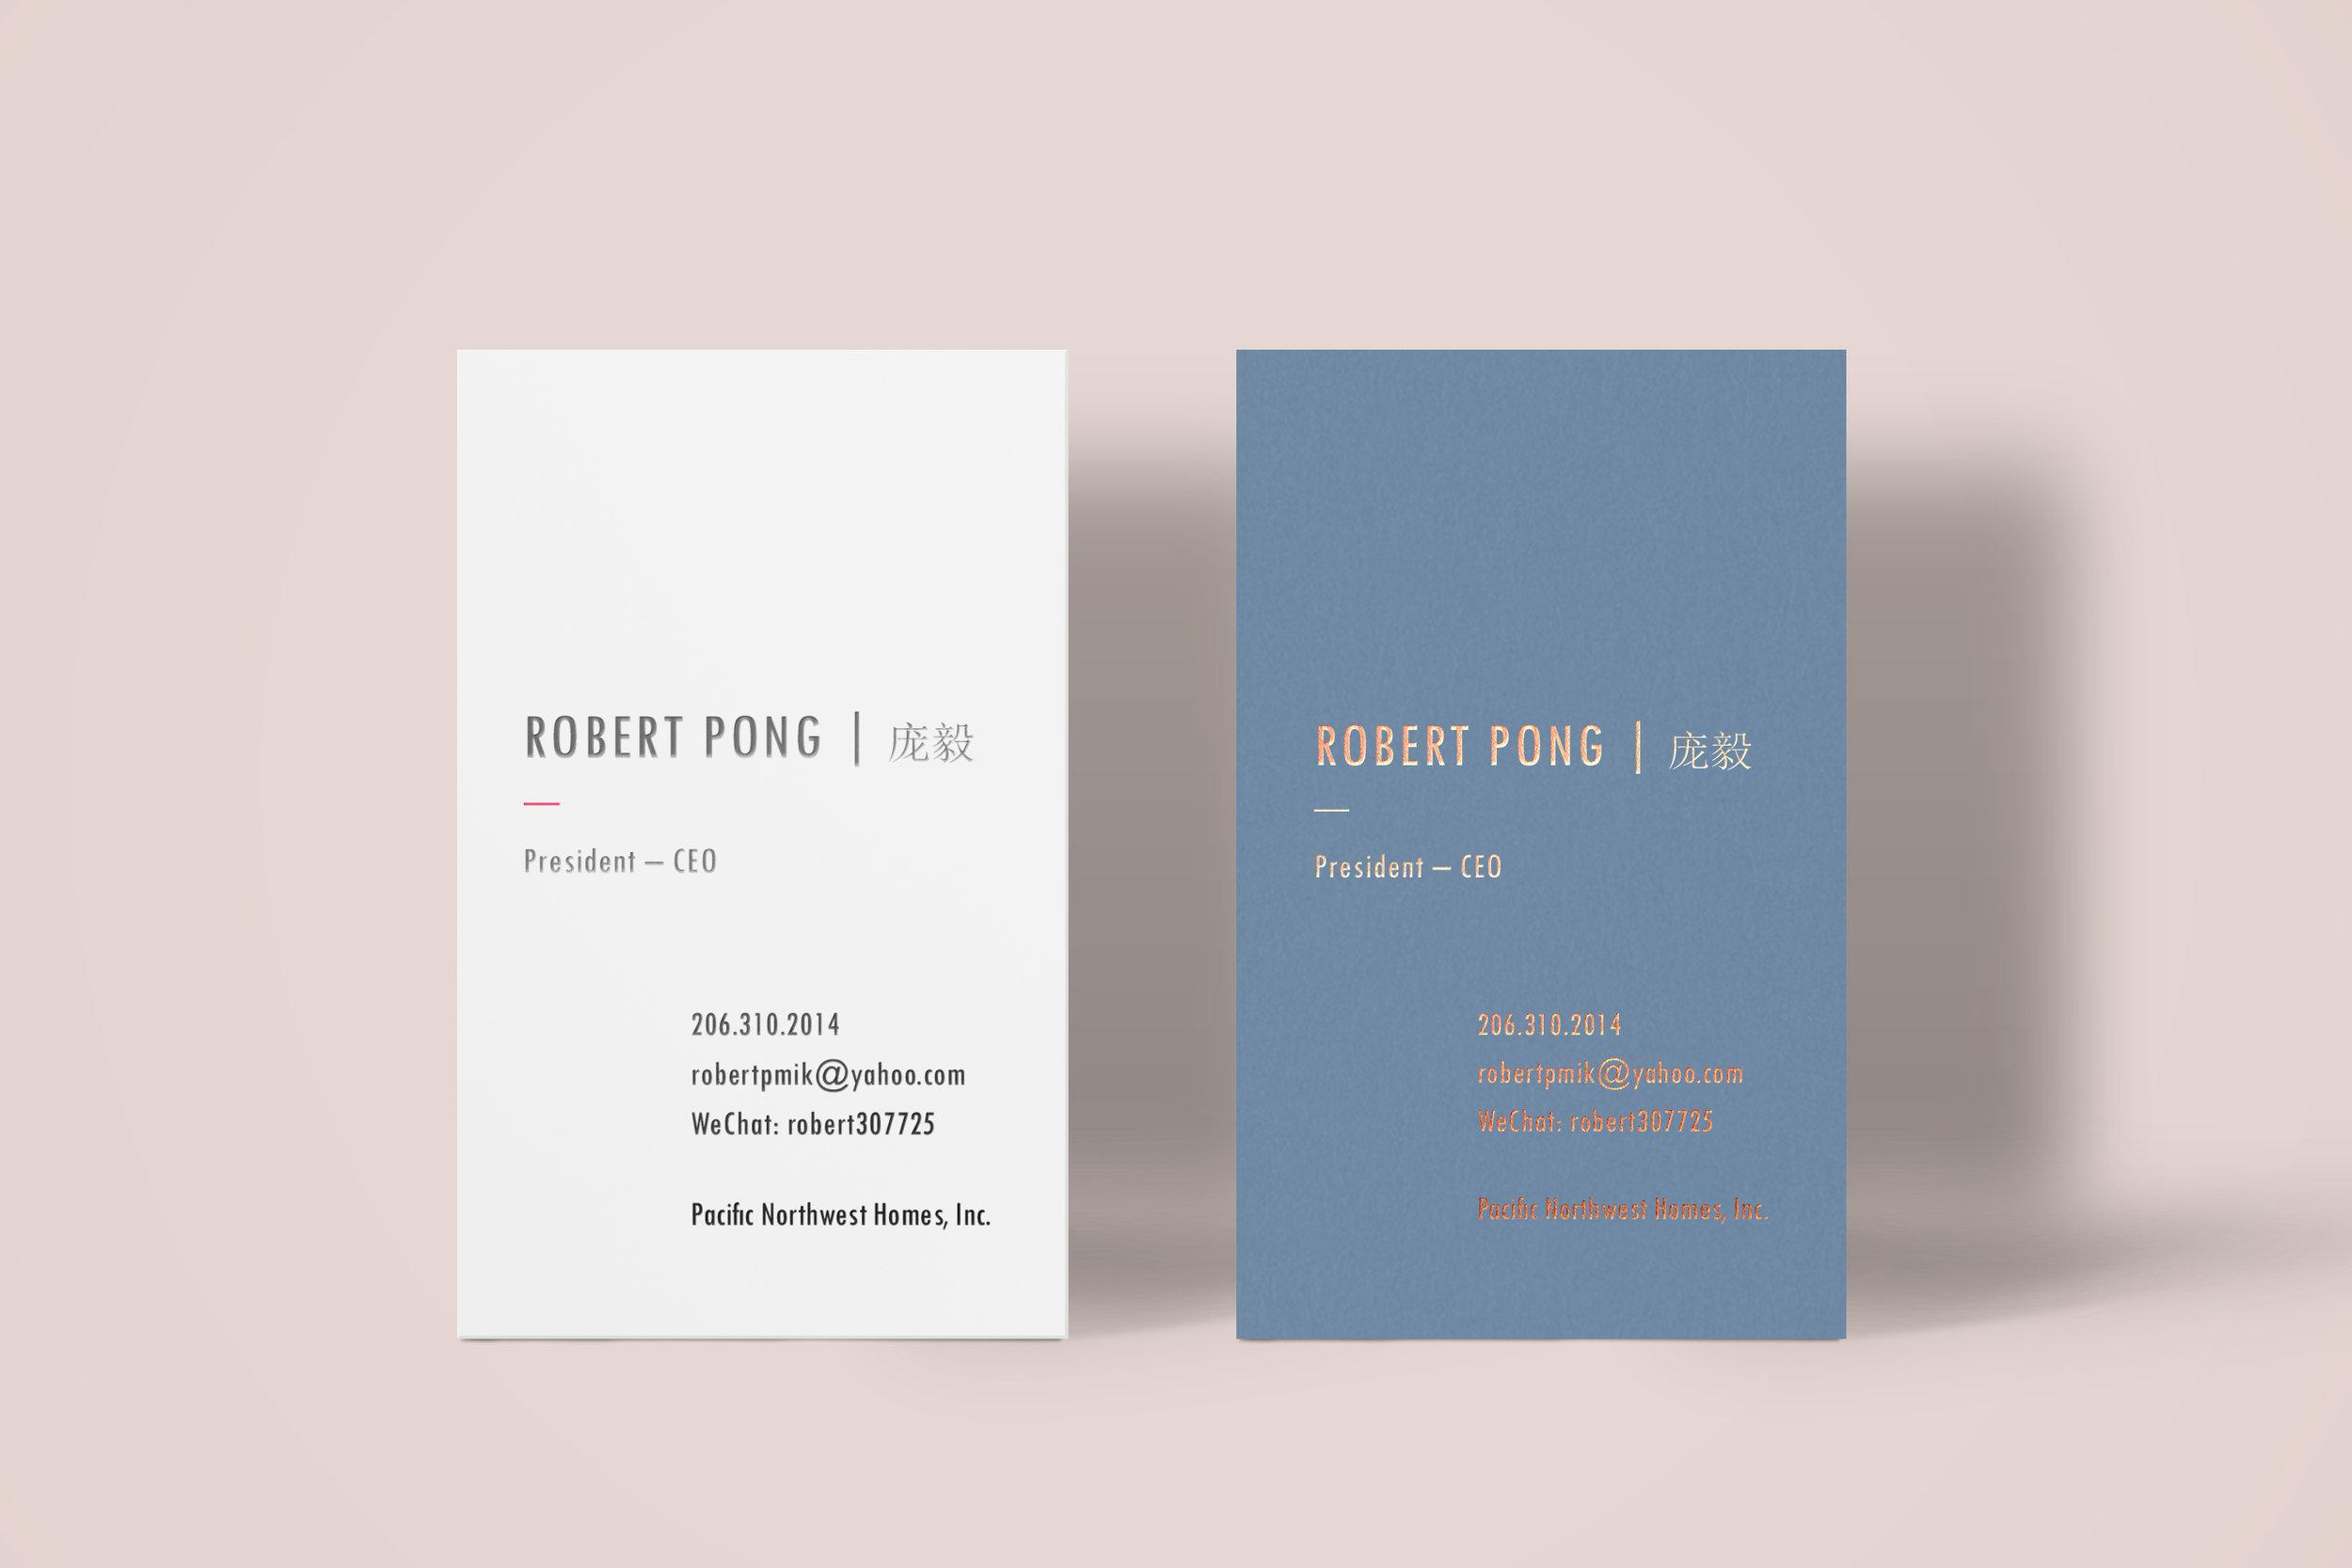 Robert Pong Business Cards.jpg